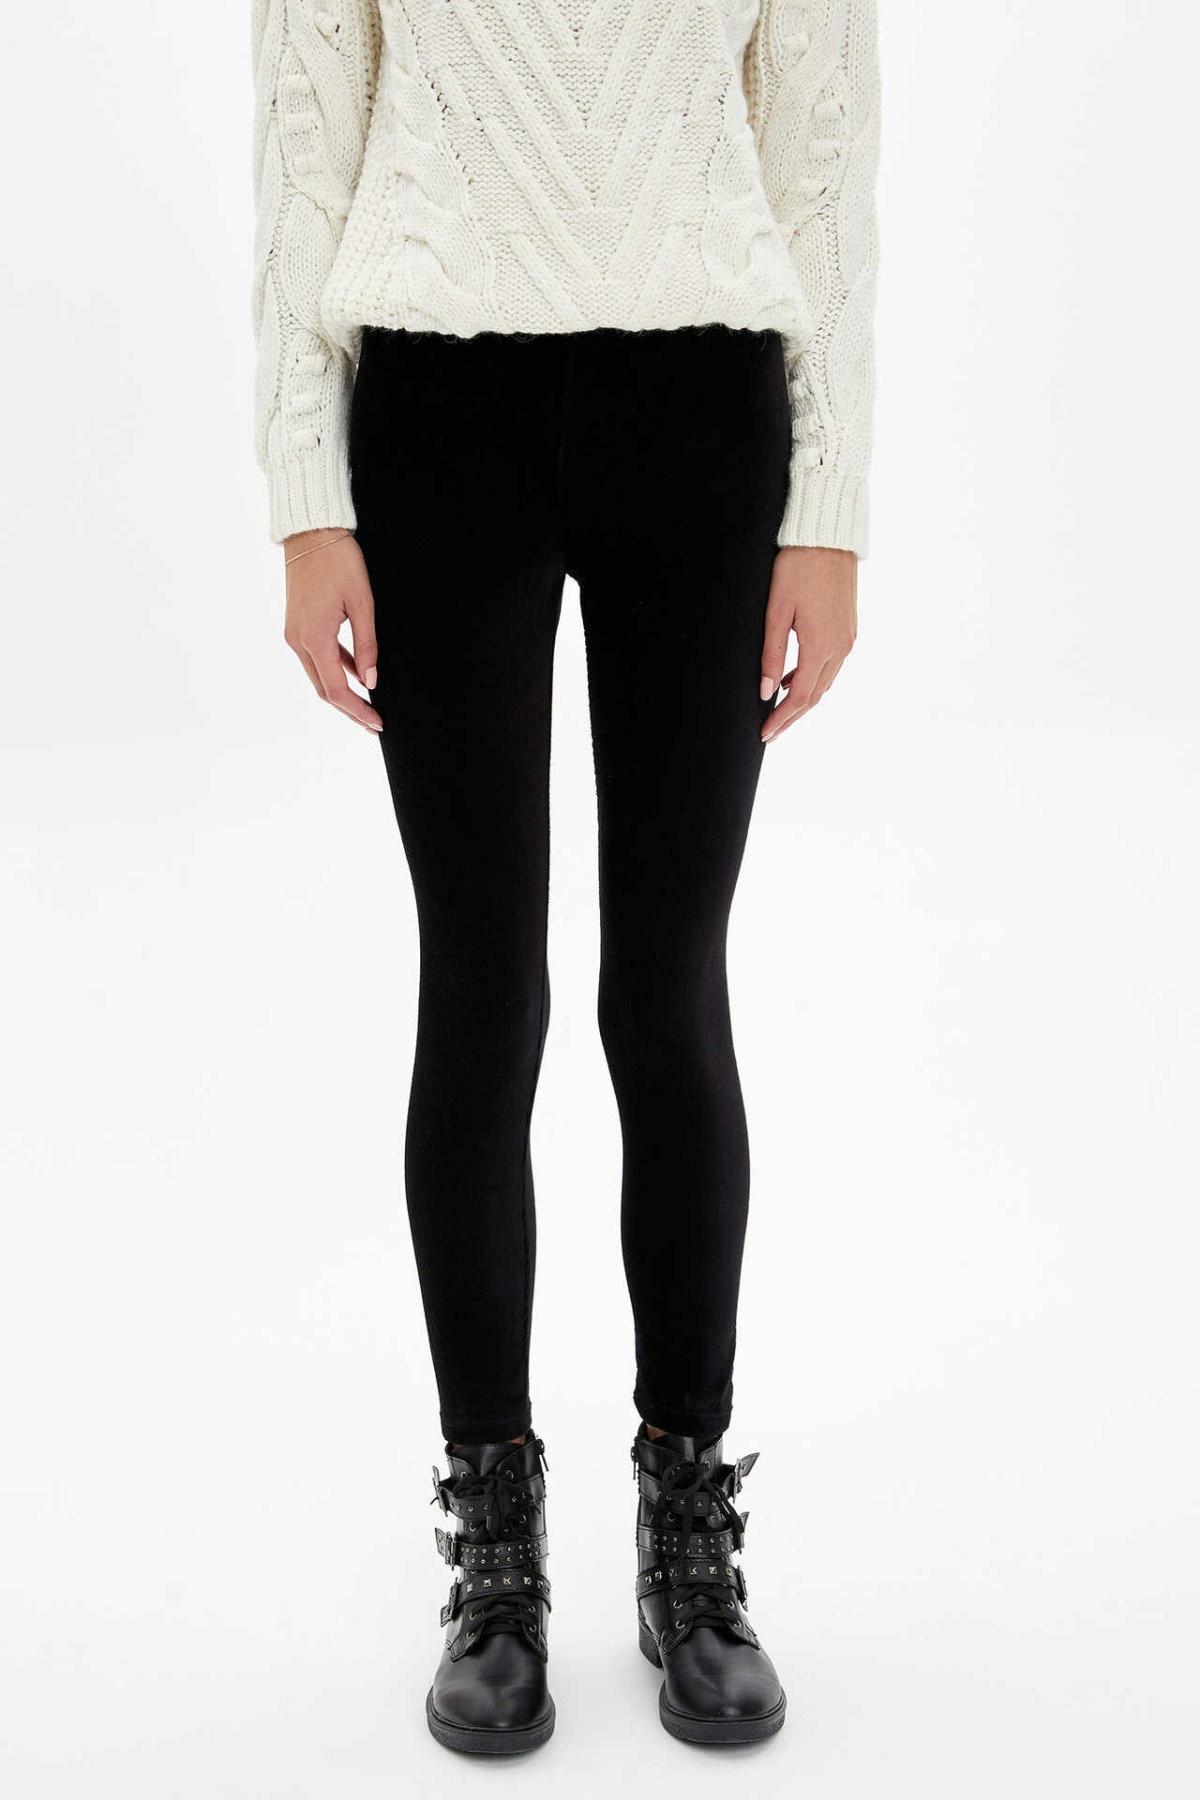 DeFacto Fashion Women Slim Trousers Female Solid Leggings Sport Pants For Women's Casual Crop Sweatpants Autumn - M2534AZ19WN